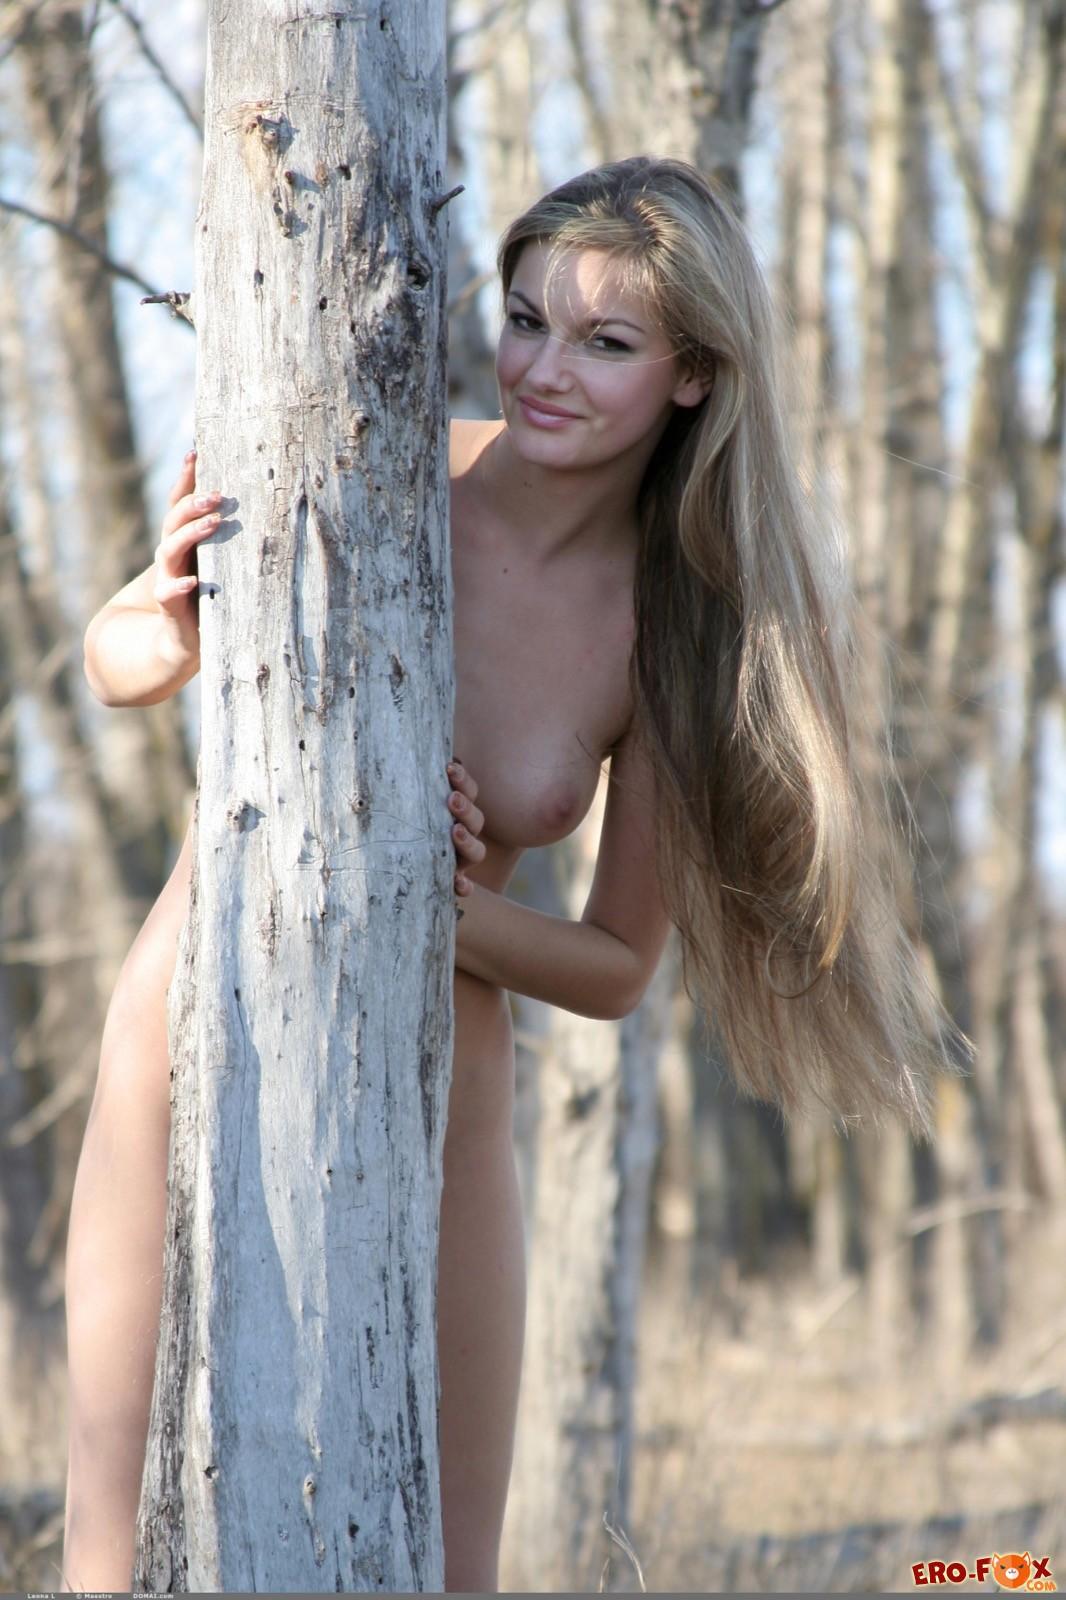 Голая девушка в сапогах эротично гуляет на природе